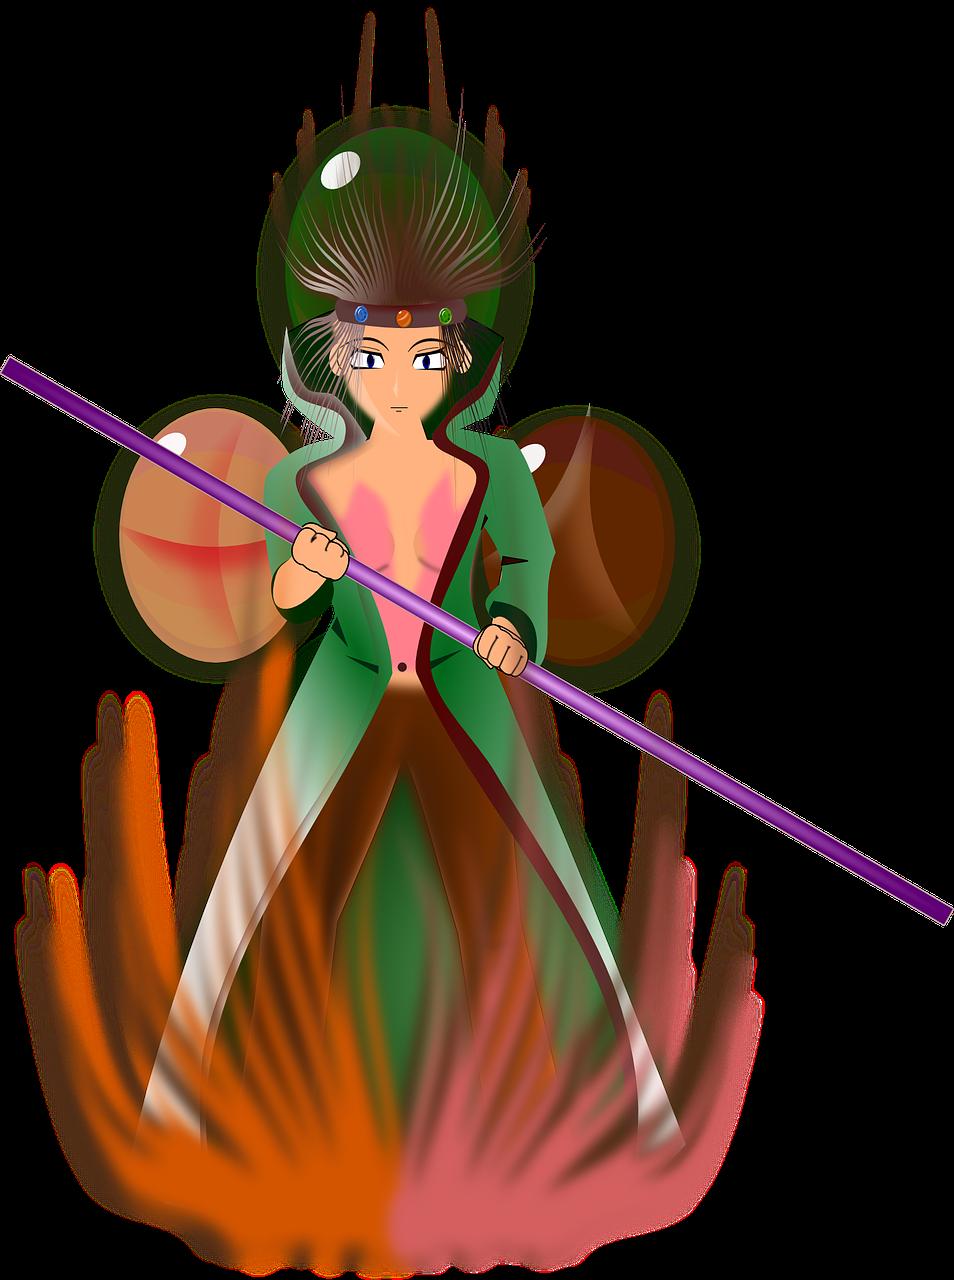 Fantasy fairy magic girl. Fight clipart fist fight